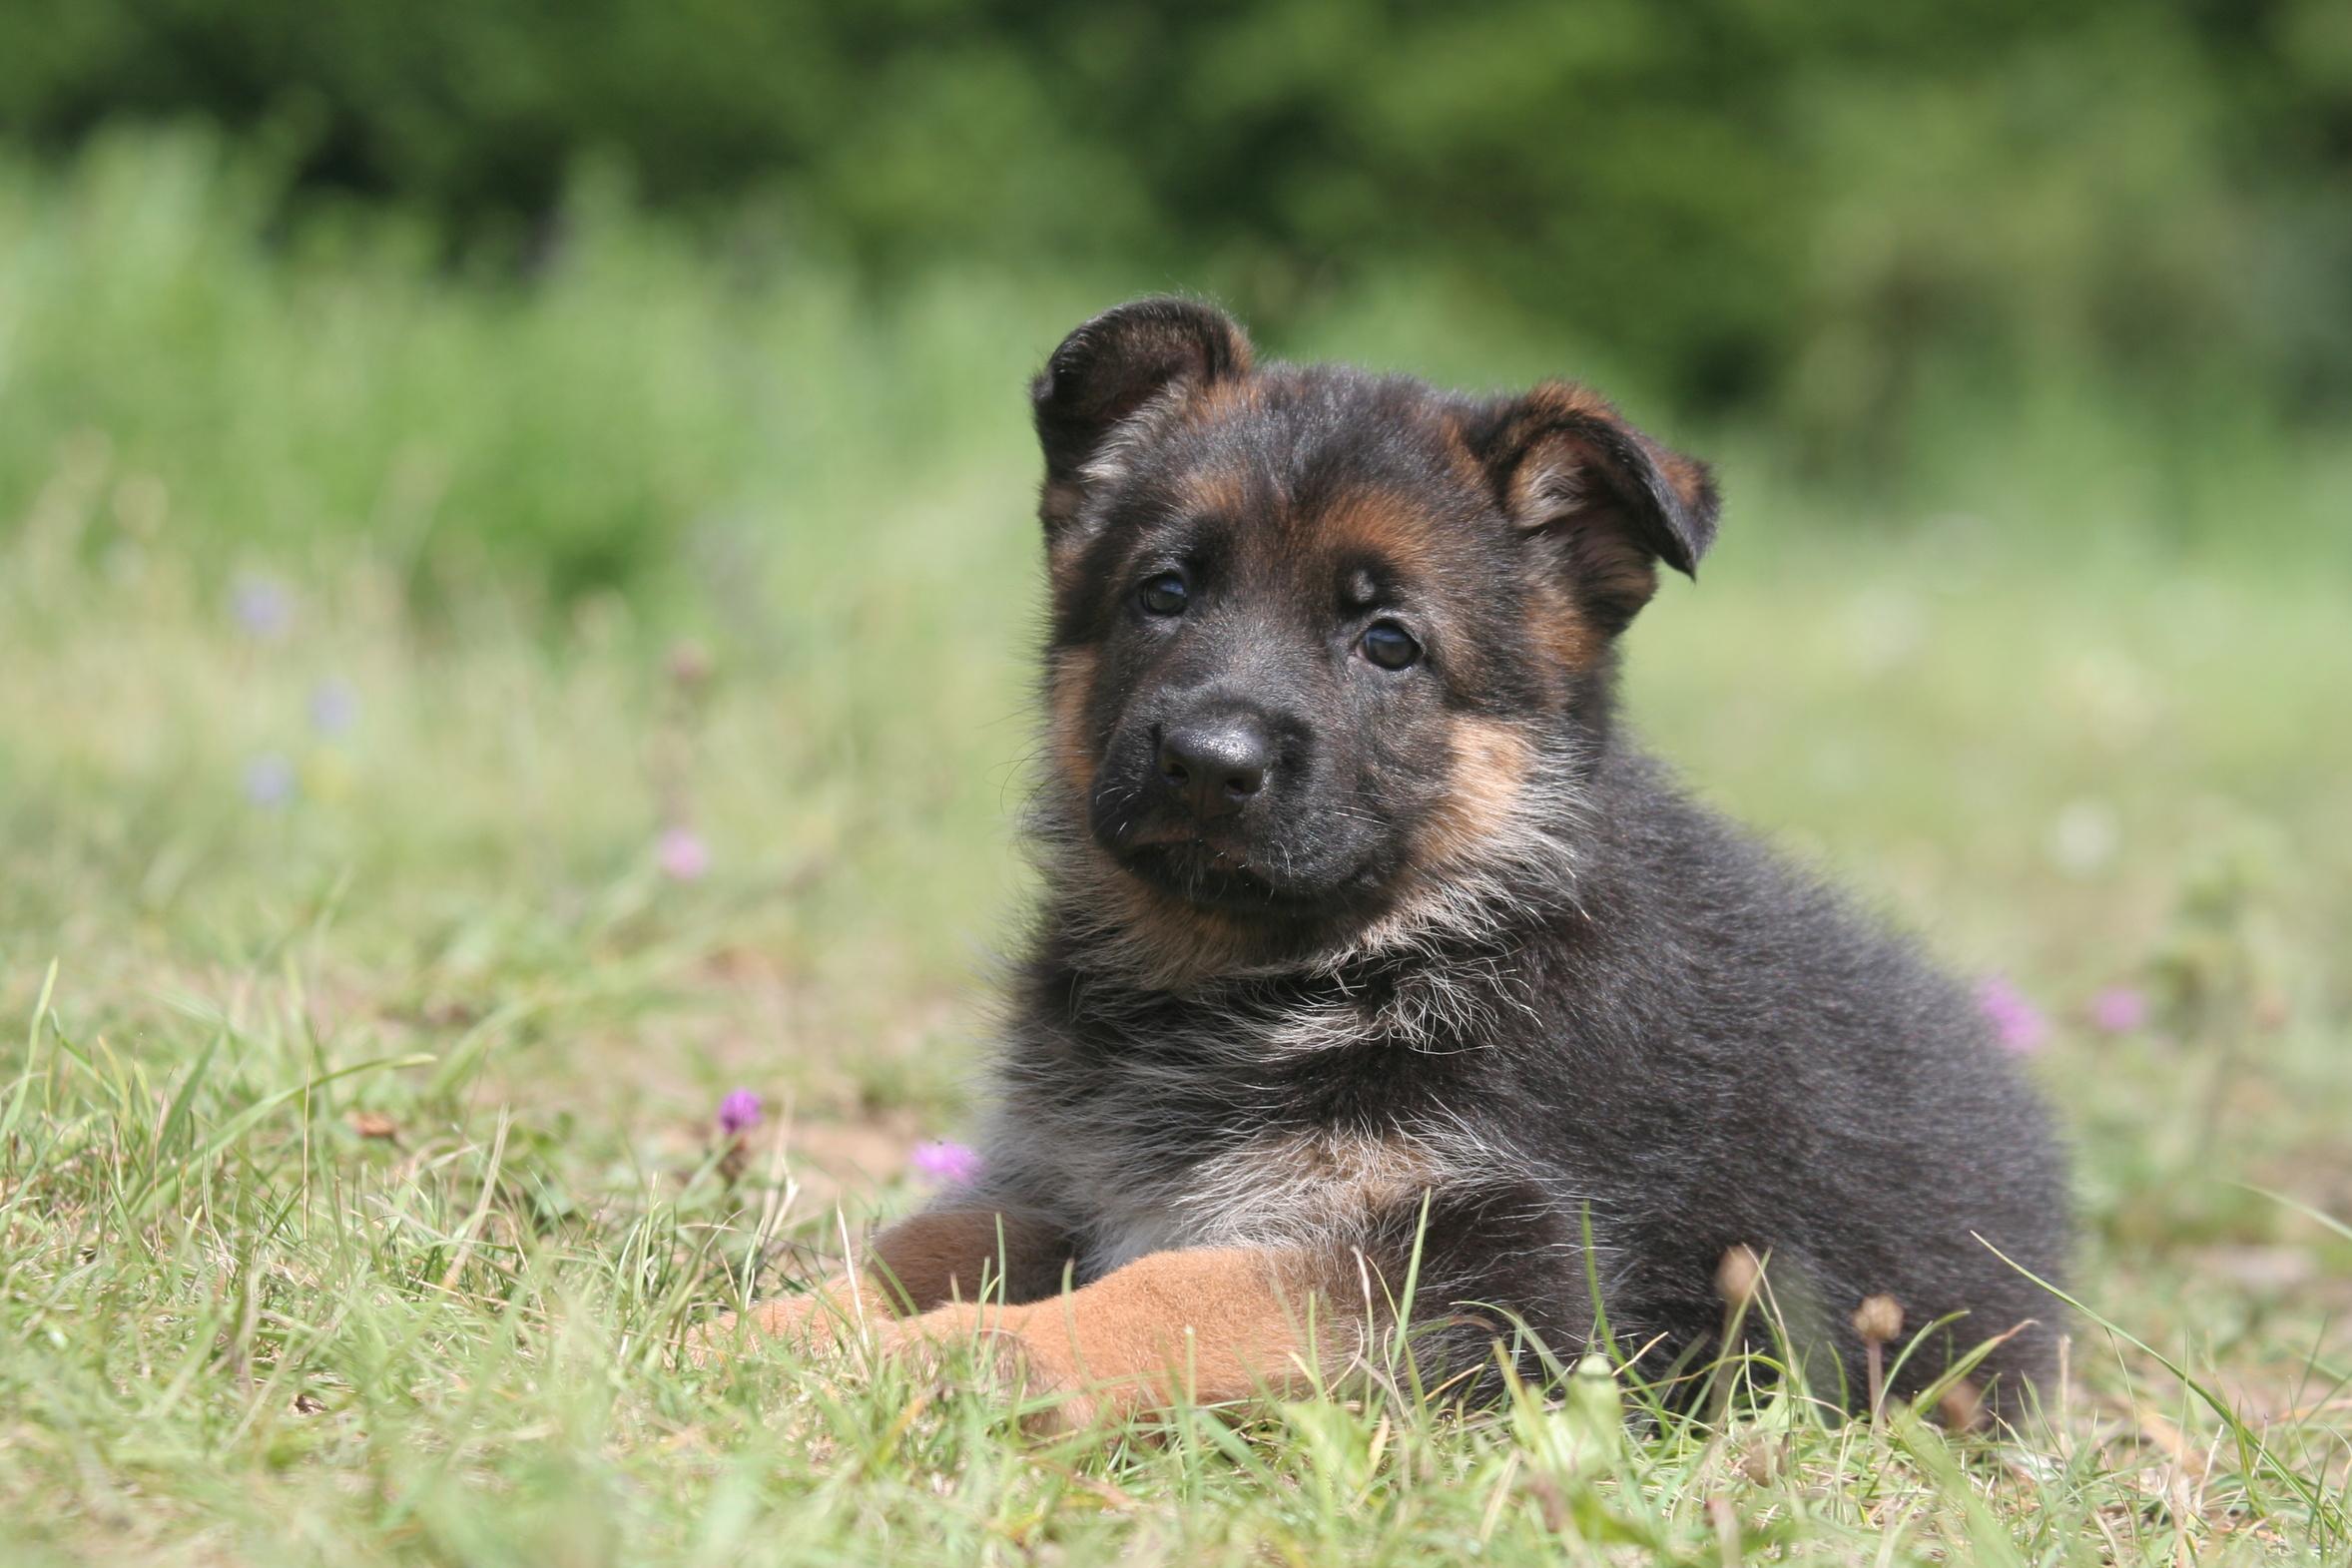 addestrare un pastore tedesco cucciolo